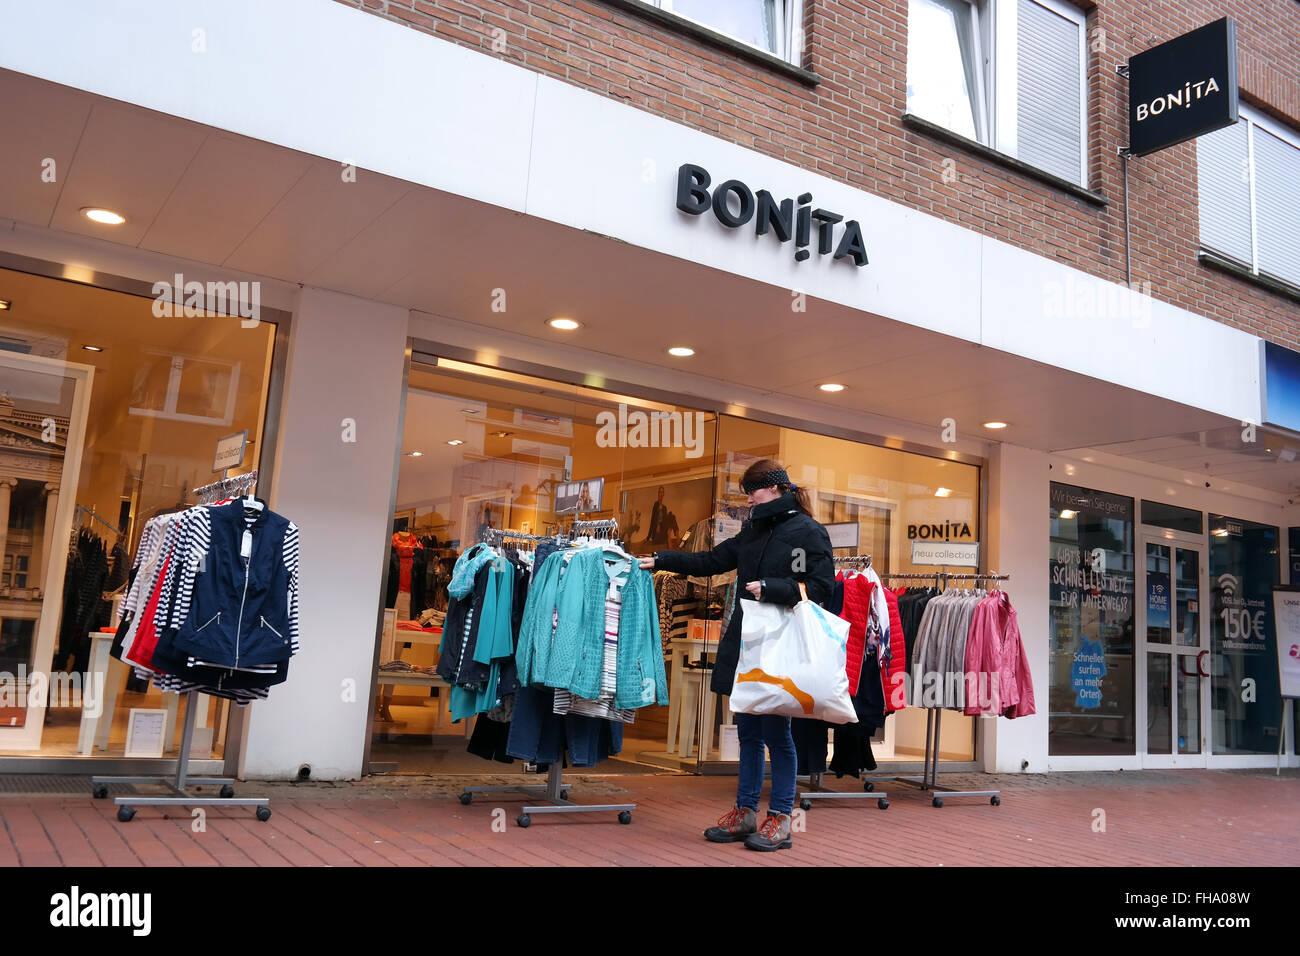 Rama de la Bonita tienda de moda Imagen De Stock